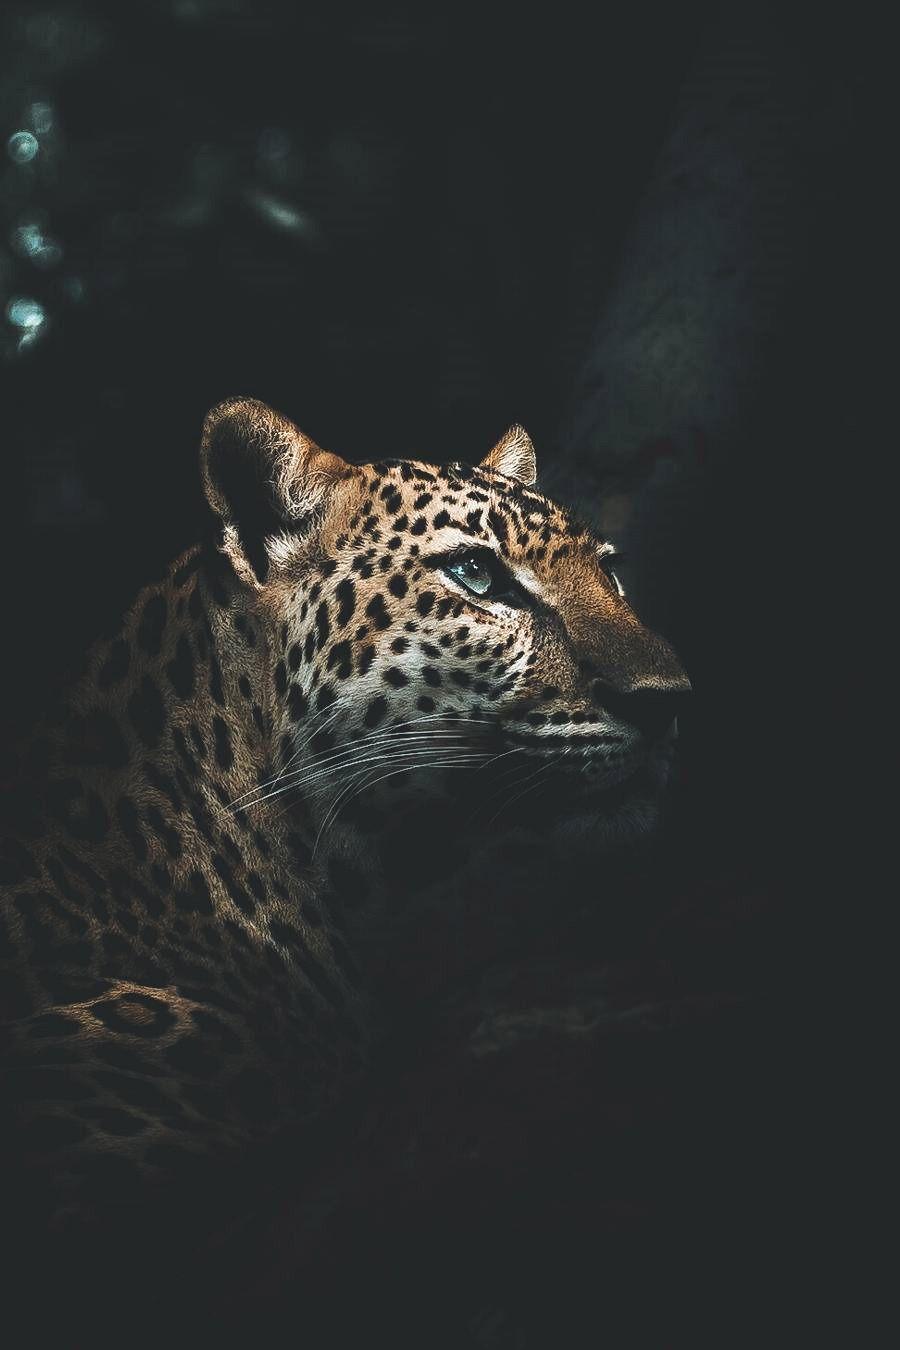 17+ Cool jaguar wallpapers Full HD